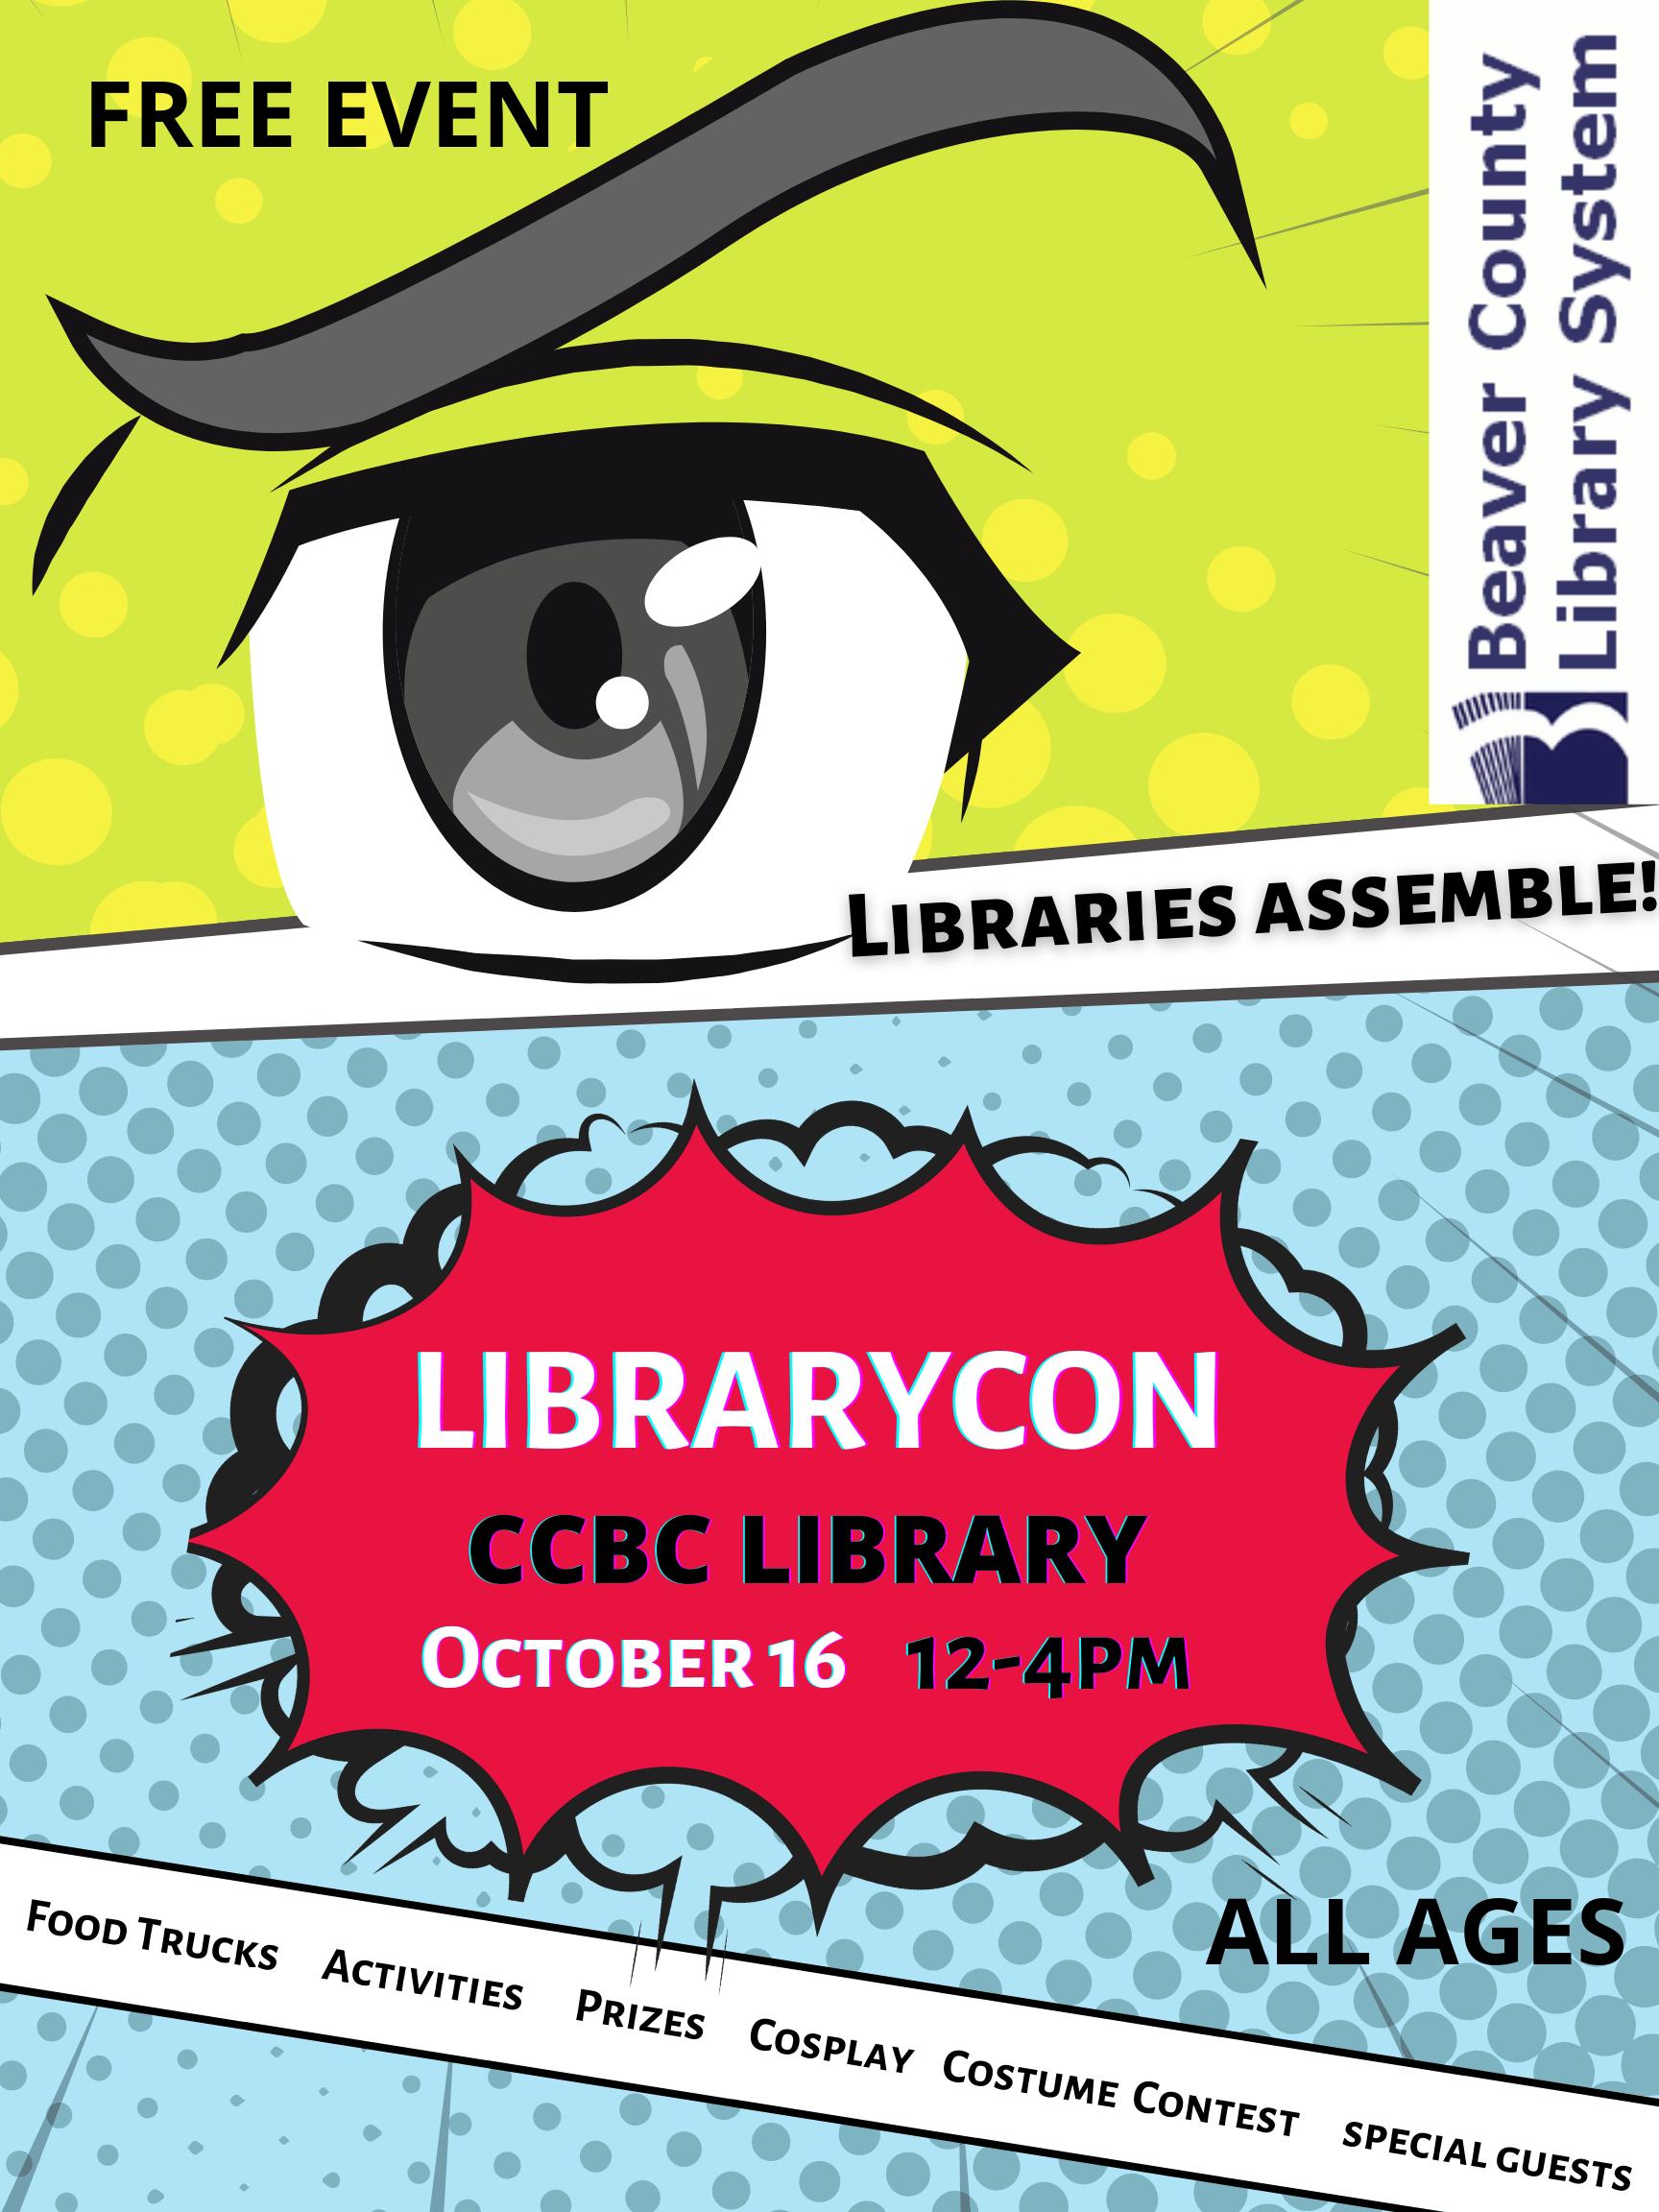 LibraryCon